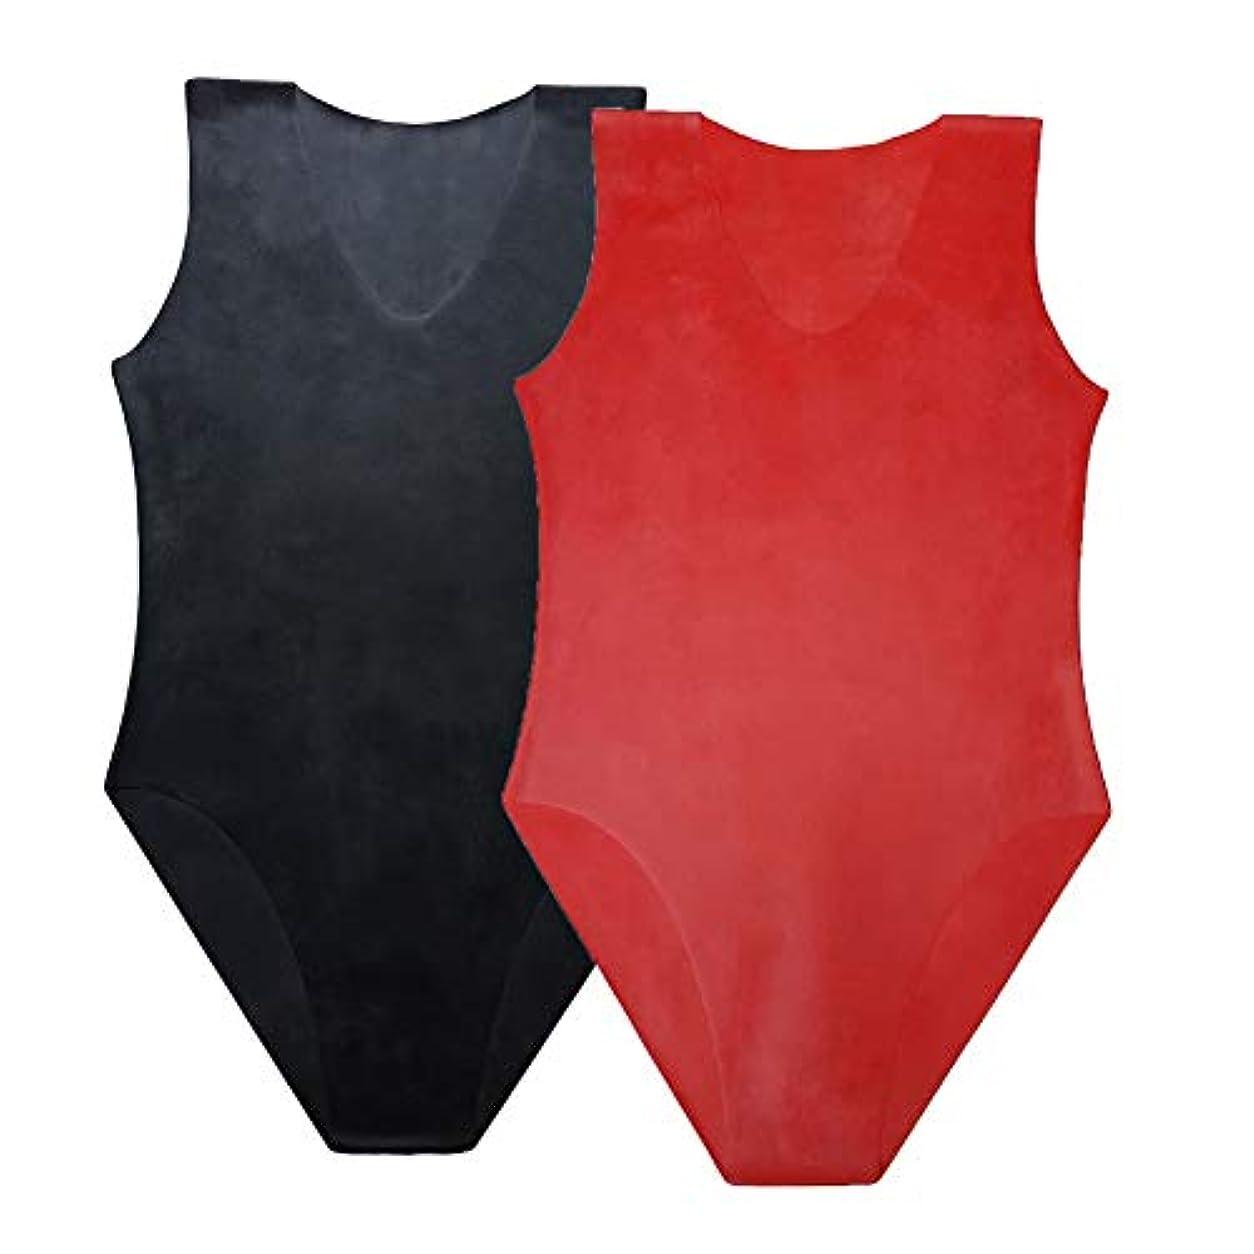 ピーブ内なる乳白色EXLATEX ラテックス ボディスーツ 女性水着 ラテックス ラバー グミ レオタード ブラック ラテックス キャットスーツ